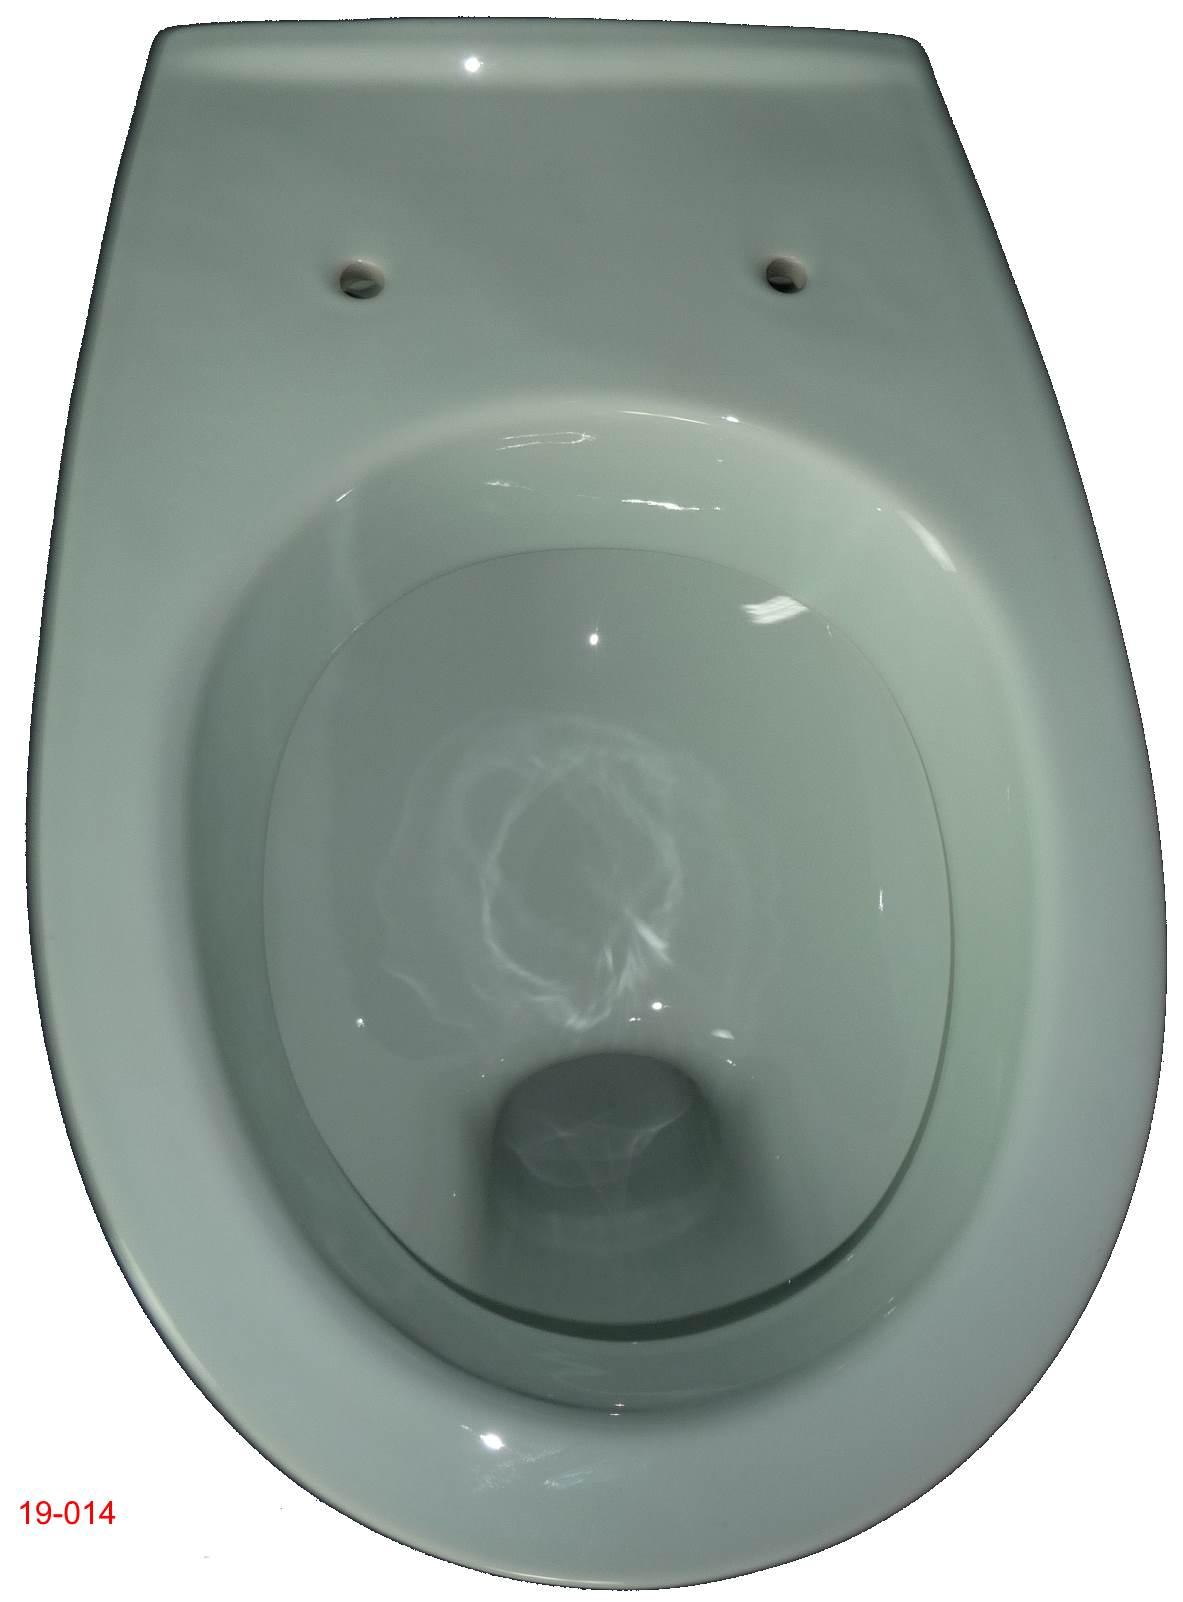 ägäis Wand-Flachspül-WC Keramag FELINO Draufsicht 19-014